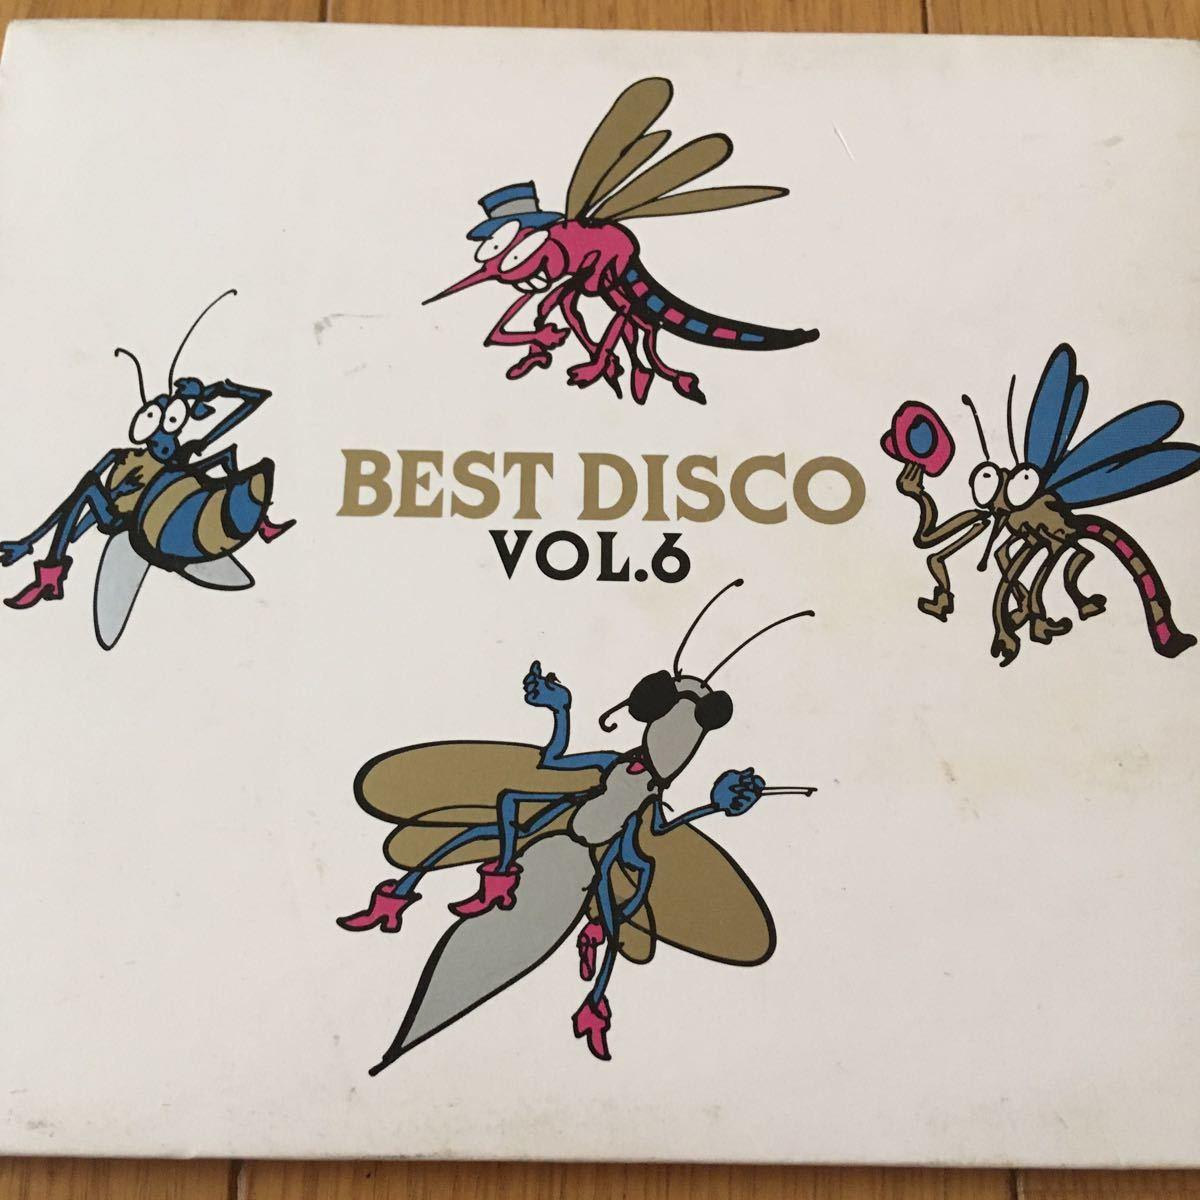 ネコポス送料無料☆ベスト・ディスコVol.6☆Best disco vol.6☆紙ジャケデジパック☆Victor VDP1505☆1989☆ユーロビート Eurobeat☆_画像1